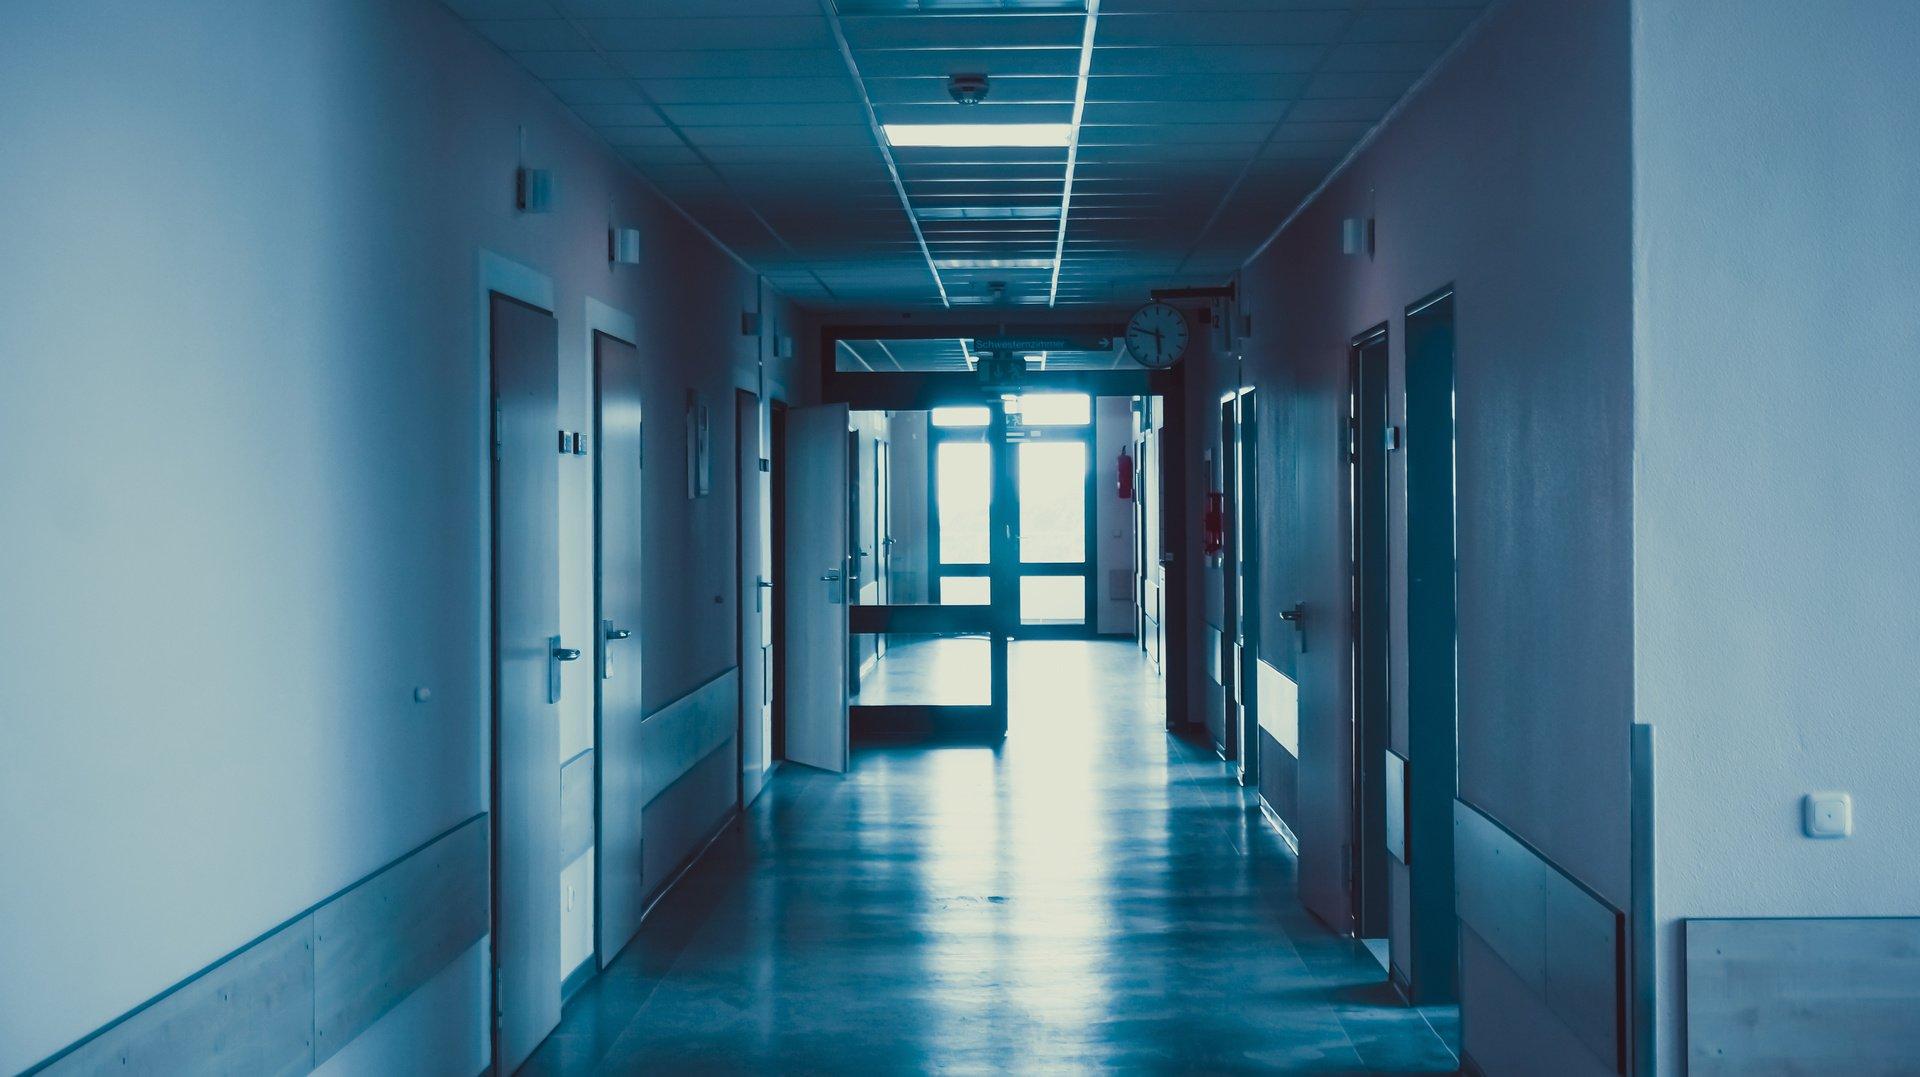 Генпрокурора попросили проверить информацию об «умерщвлении» пациентов на ИВЛ